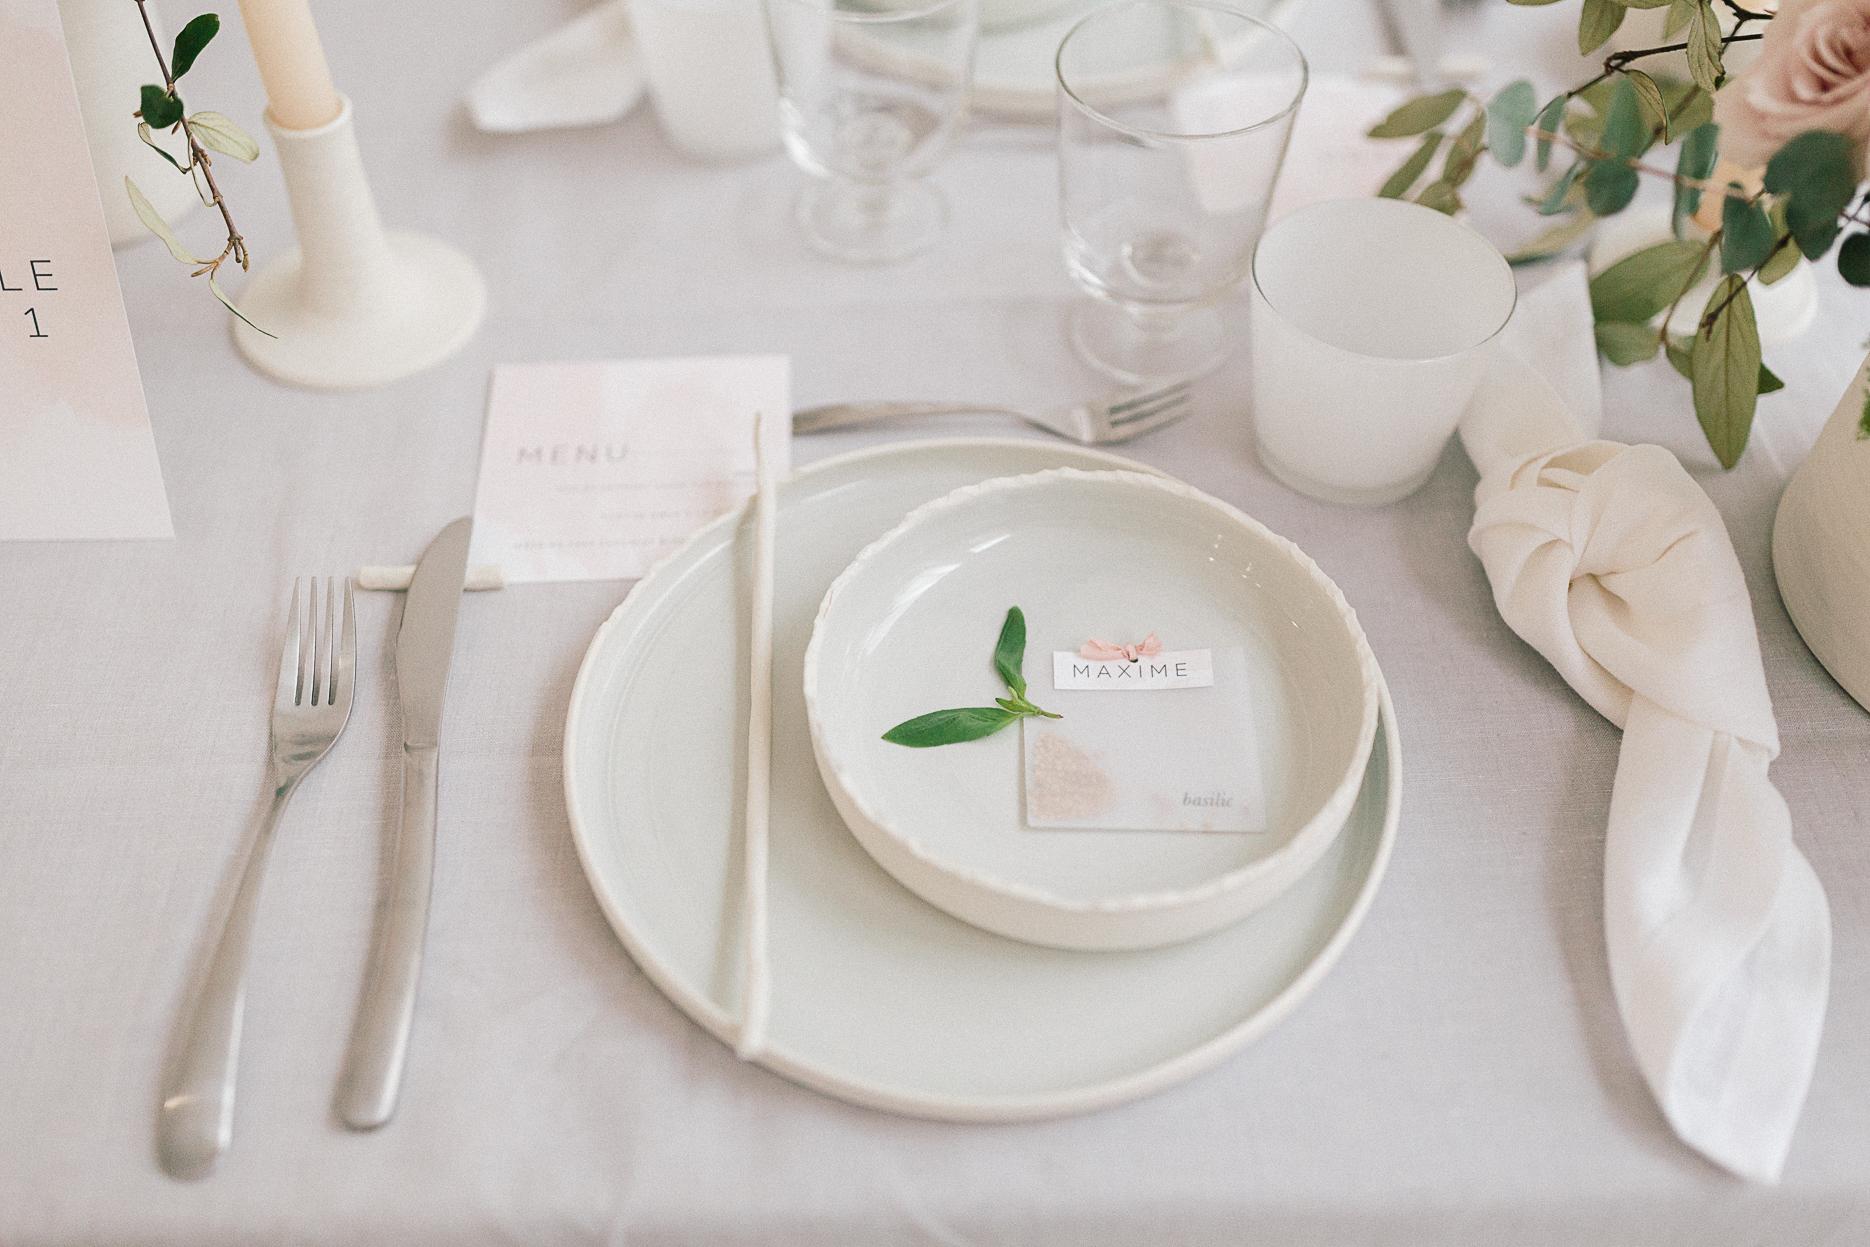 assiette moderne blanche ronde avec menu aquarelle mariage romantique minimaliste et industriel